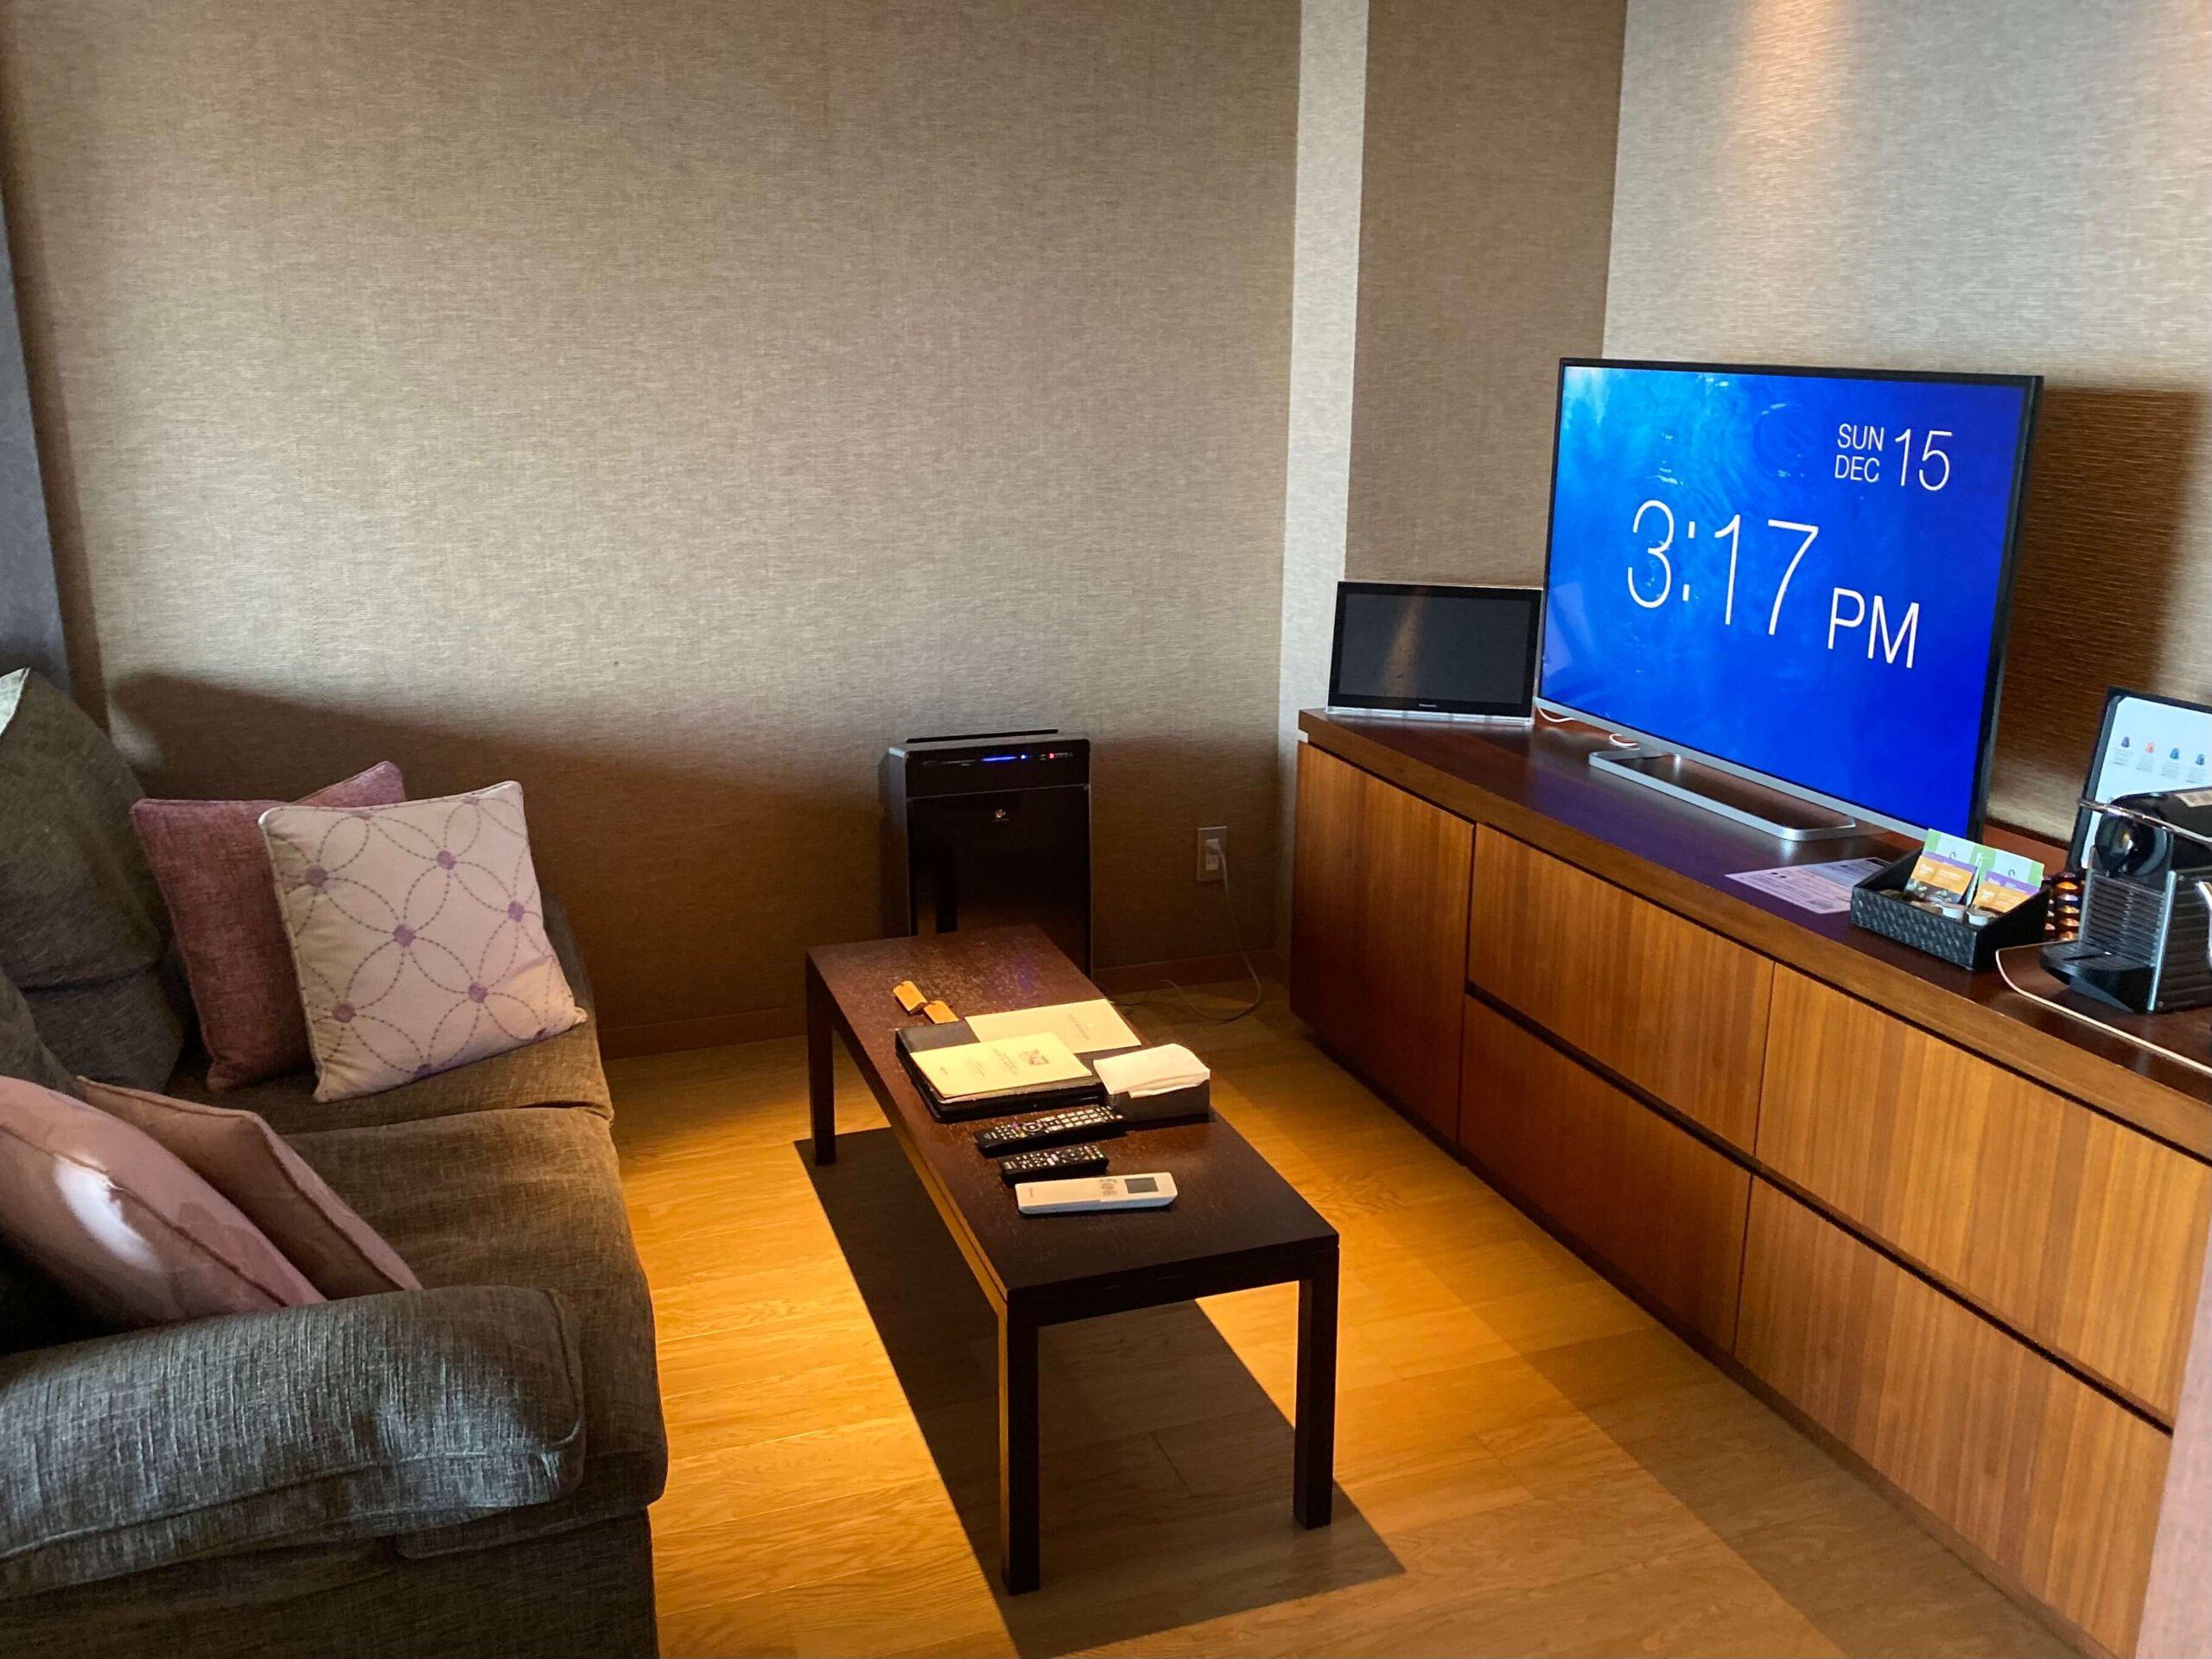 熱海の高級旅館:atamiせかいえの客室(慶太ブログ))